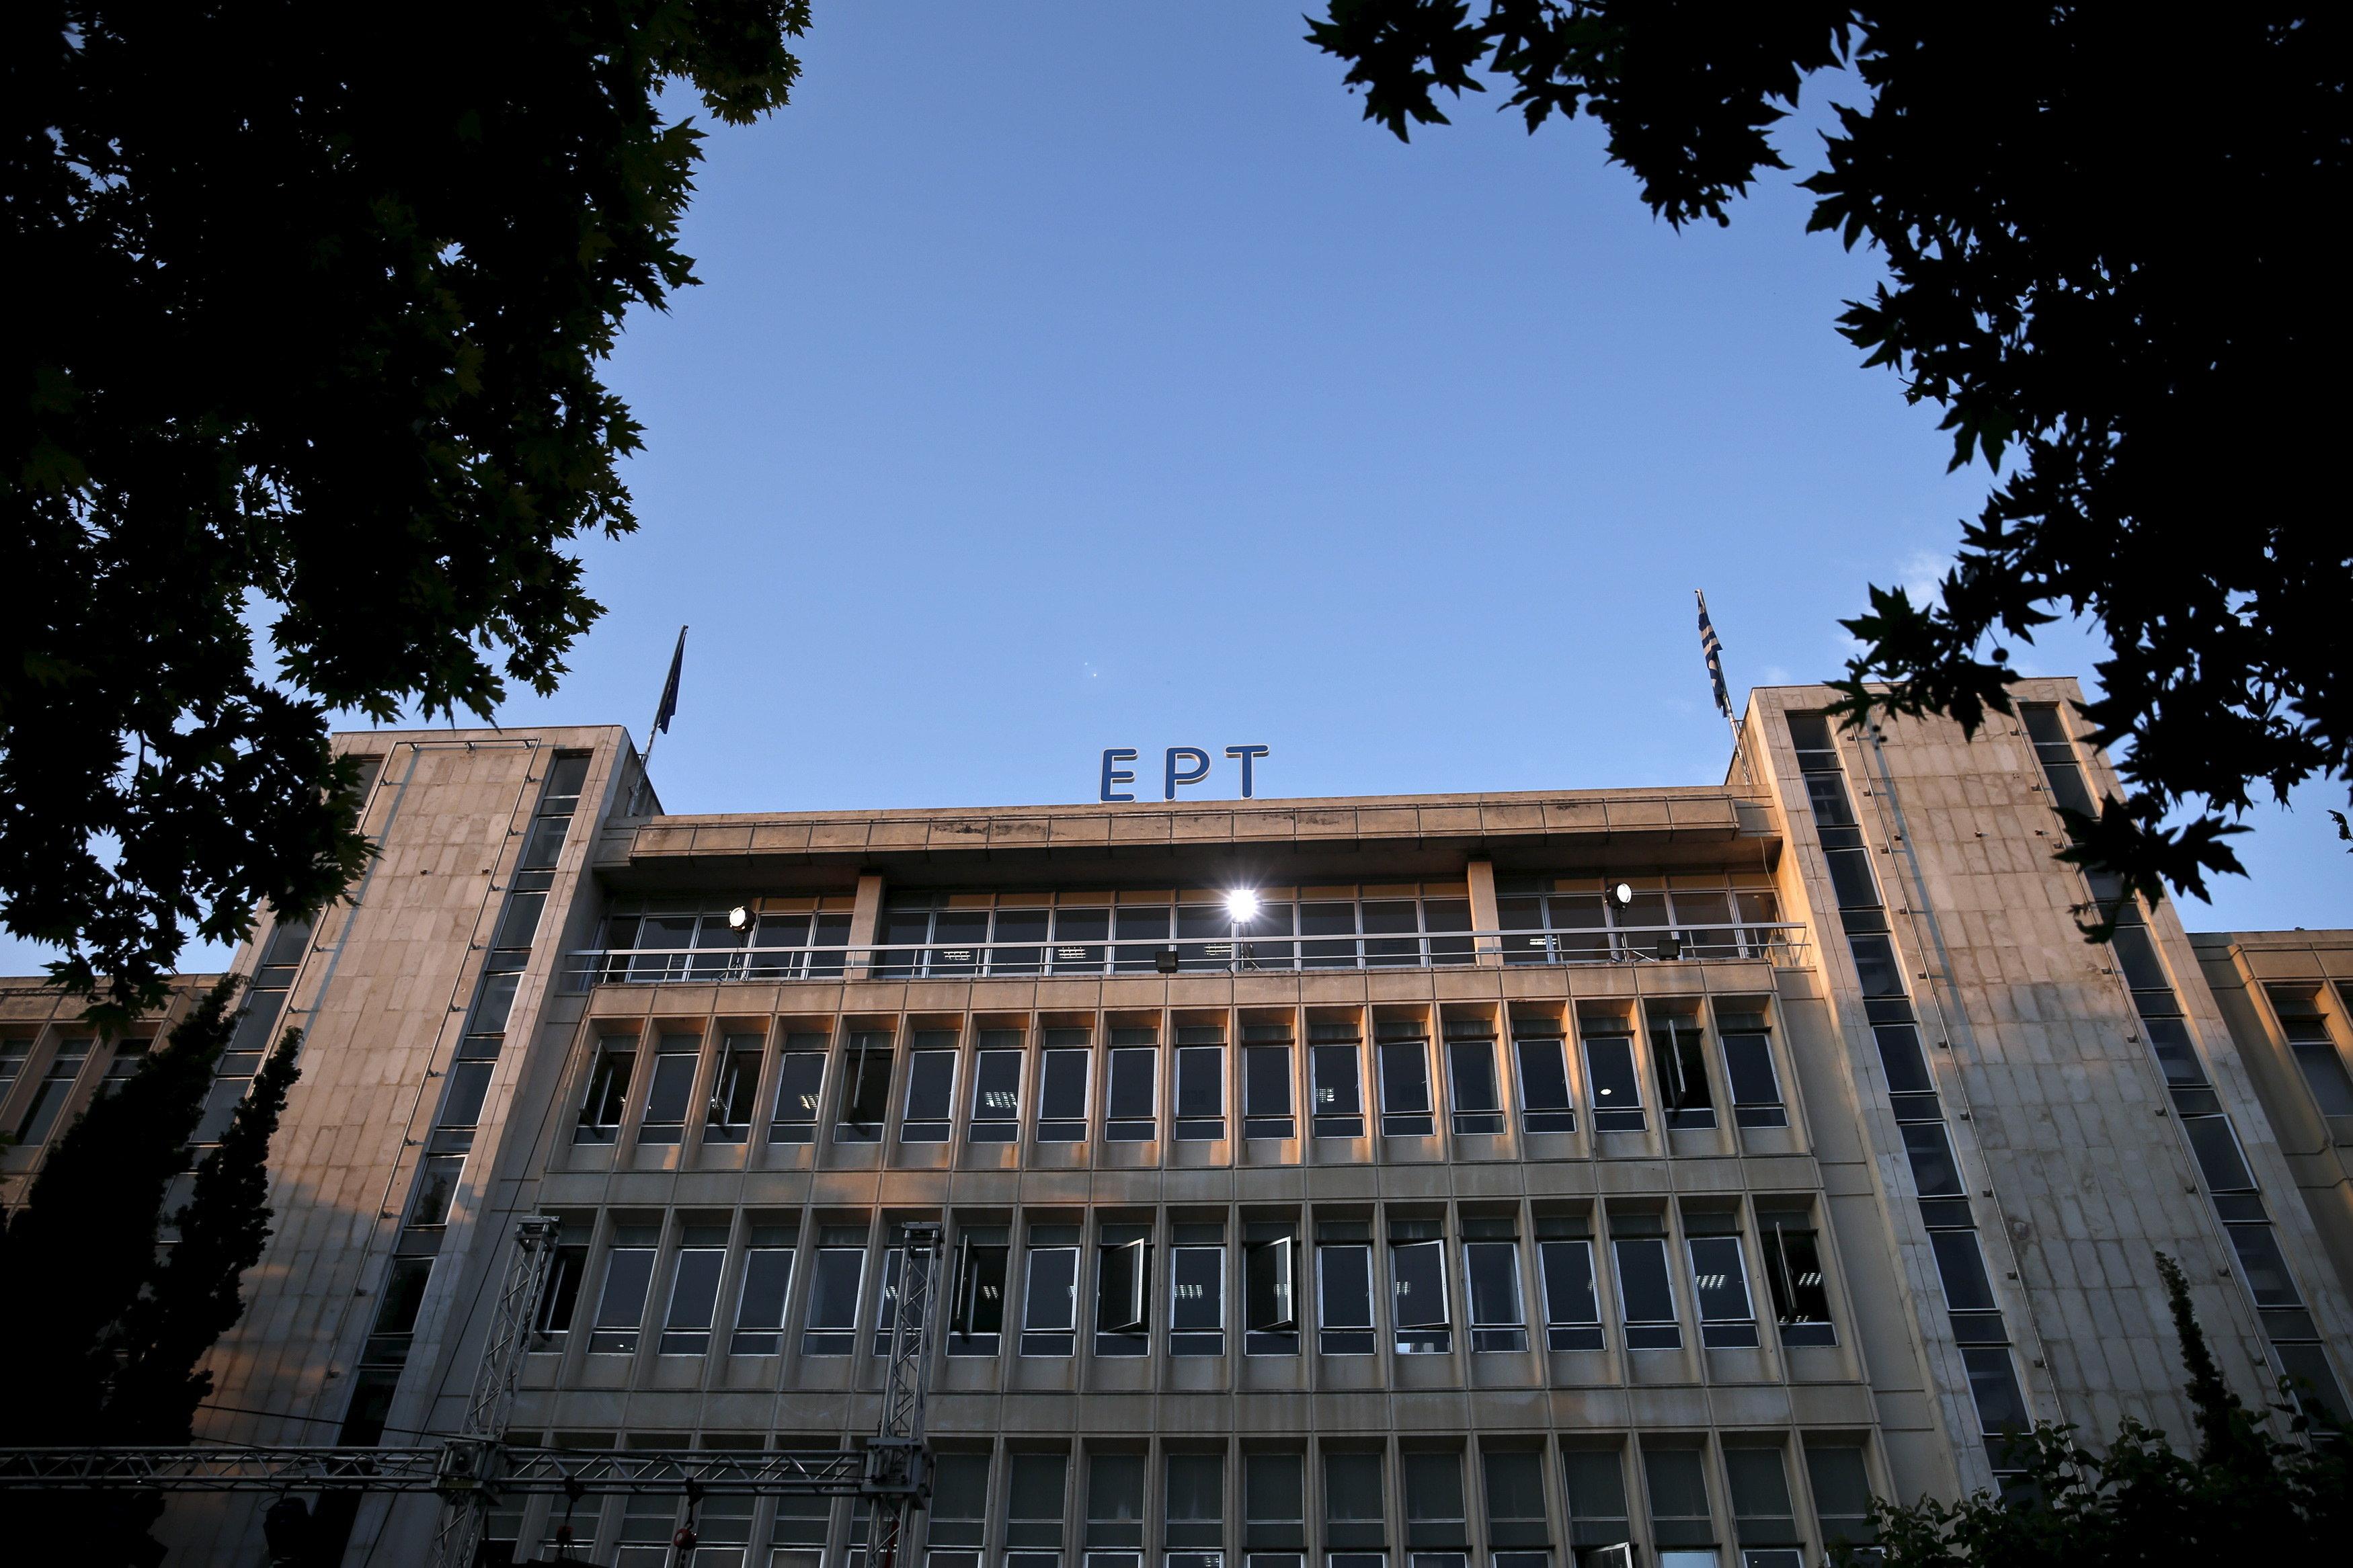 Διαμαρτυρία ΝΔ σε ΕΡΤ. για τη μη μετάδοση του